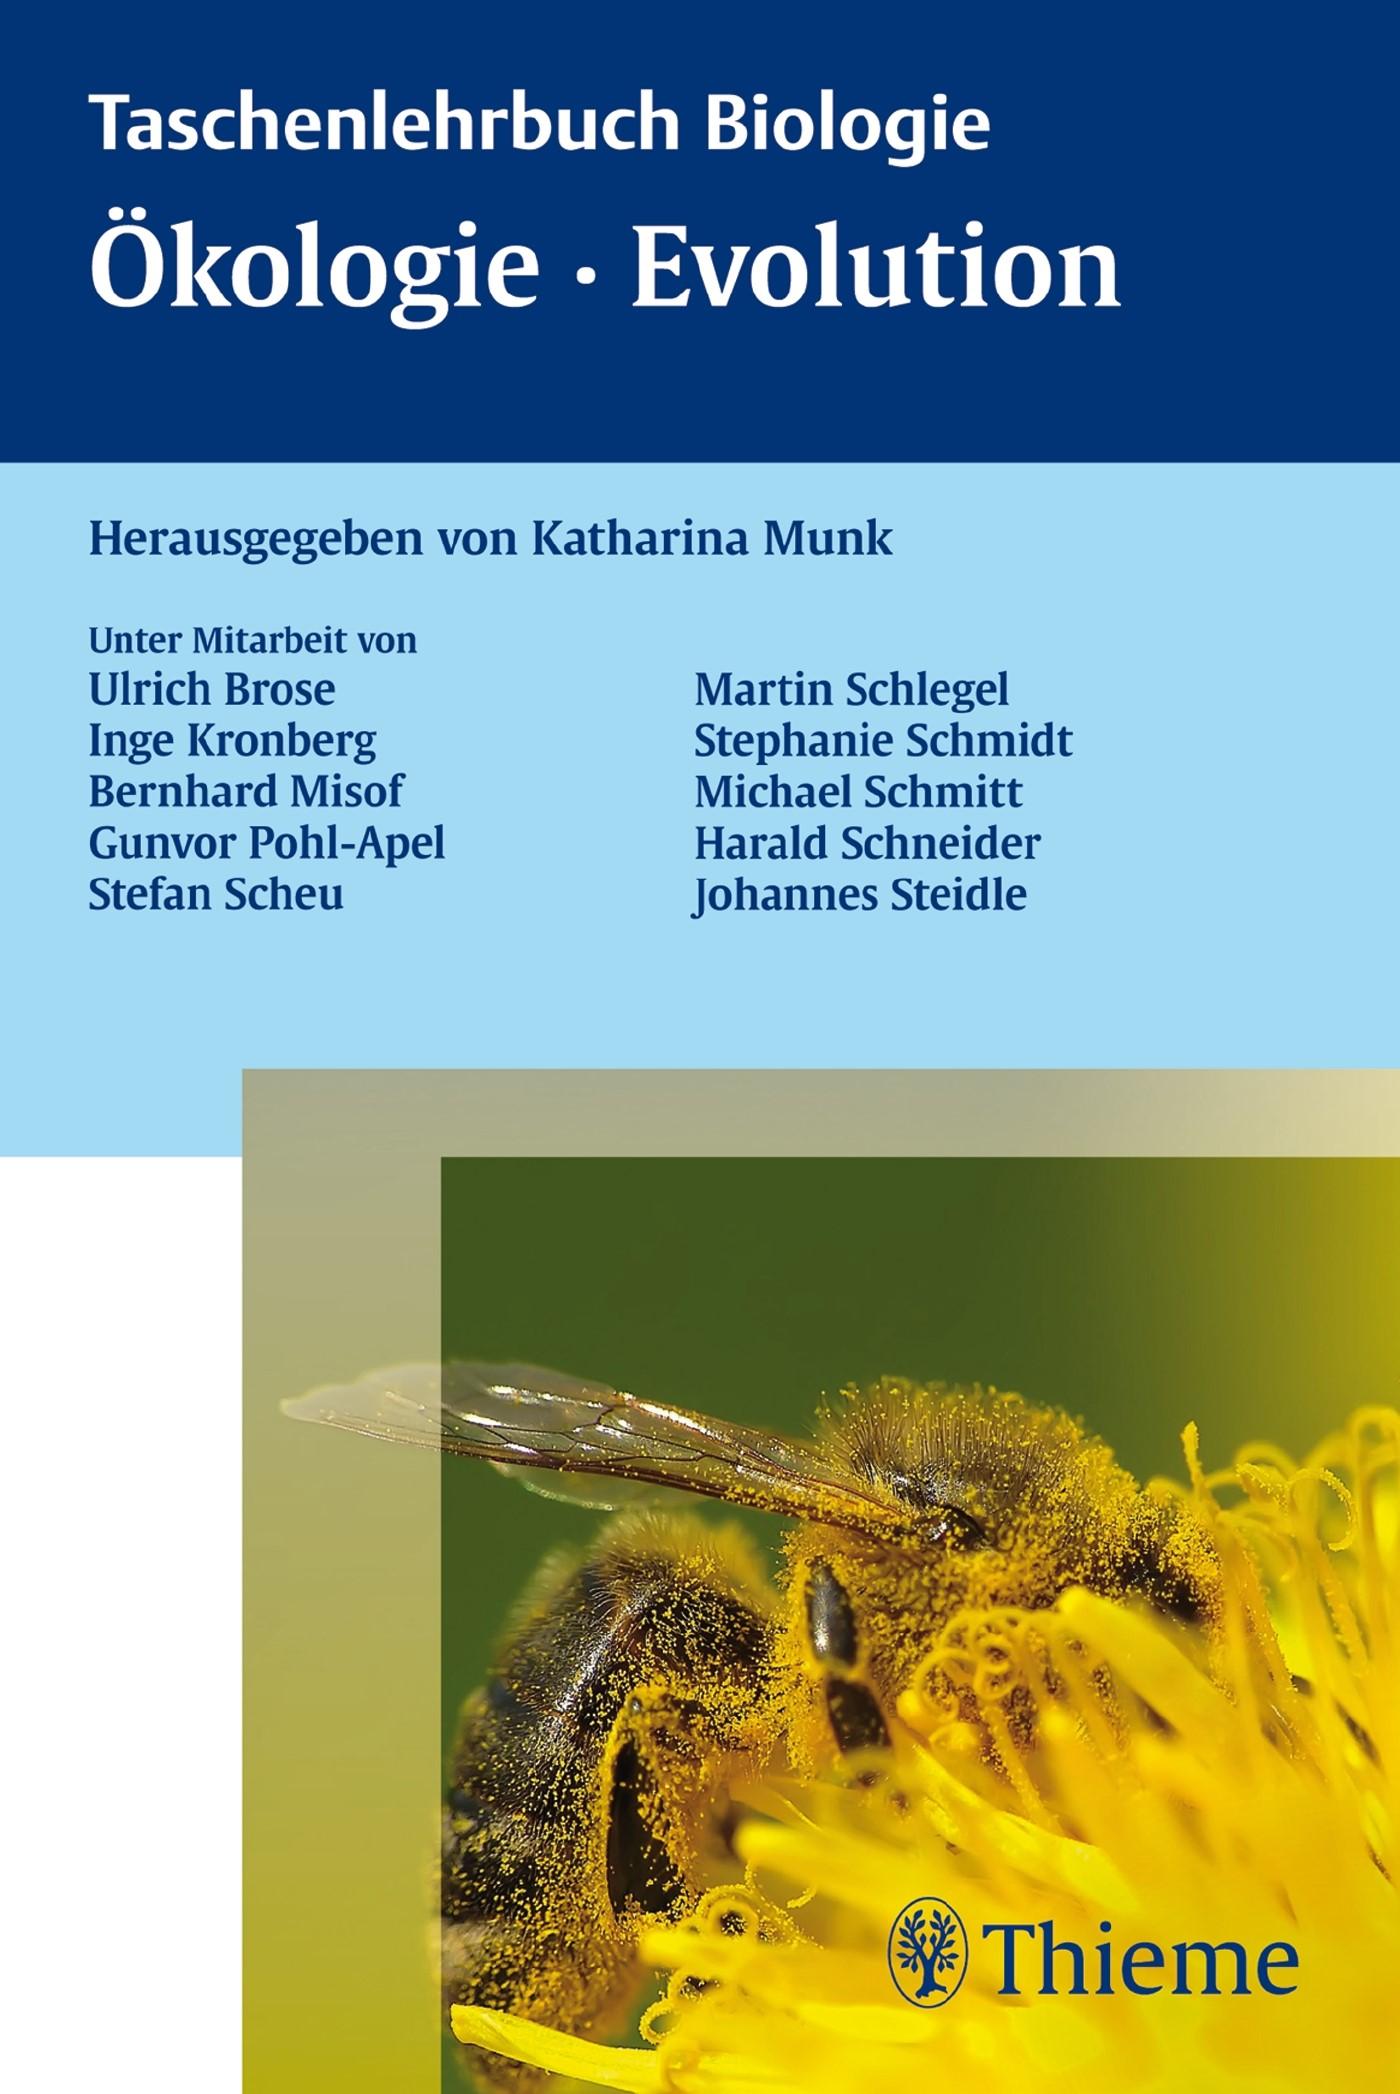 Ökologie, Biodiversität, Evolution, 2009 | Buch (Cover)